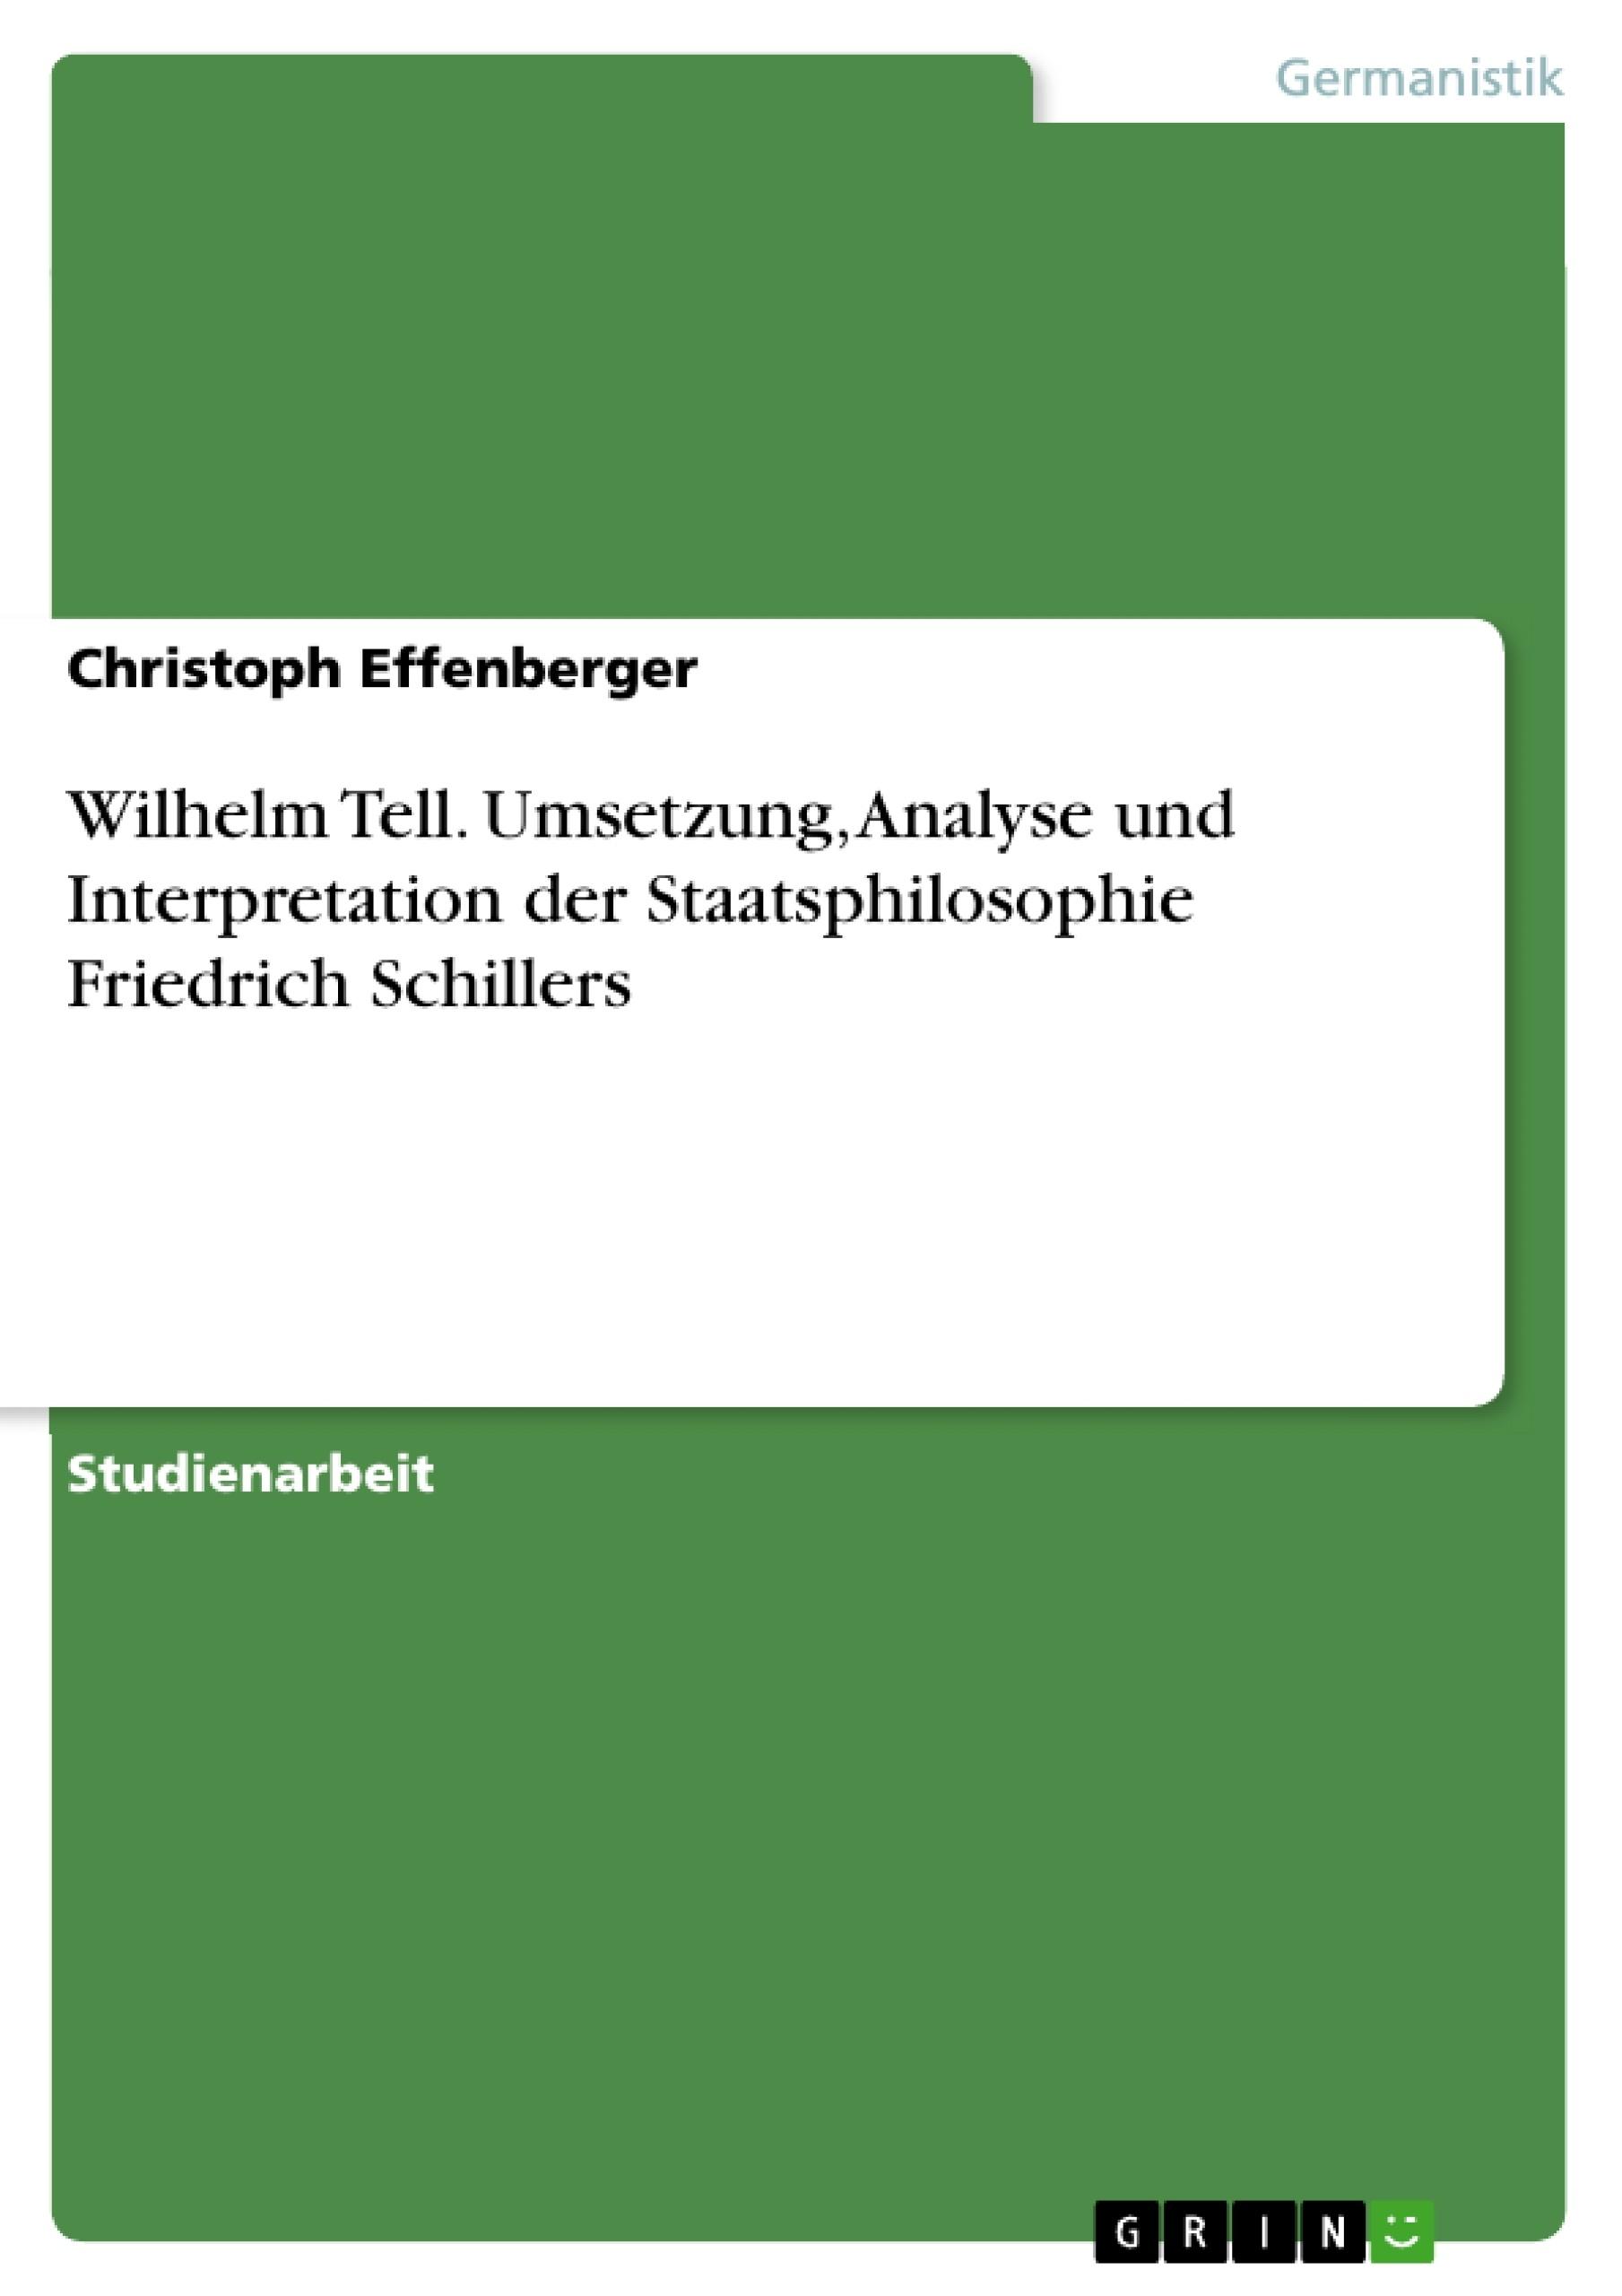 Titel: Wilhelm Tell. Umsetzung, Analyse und Interpretation der Staatsphilosophie Friedrich Schillers